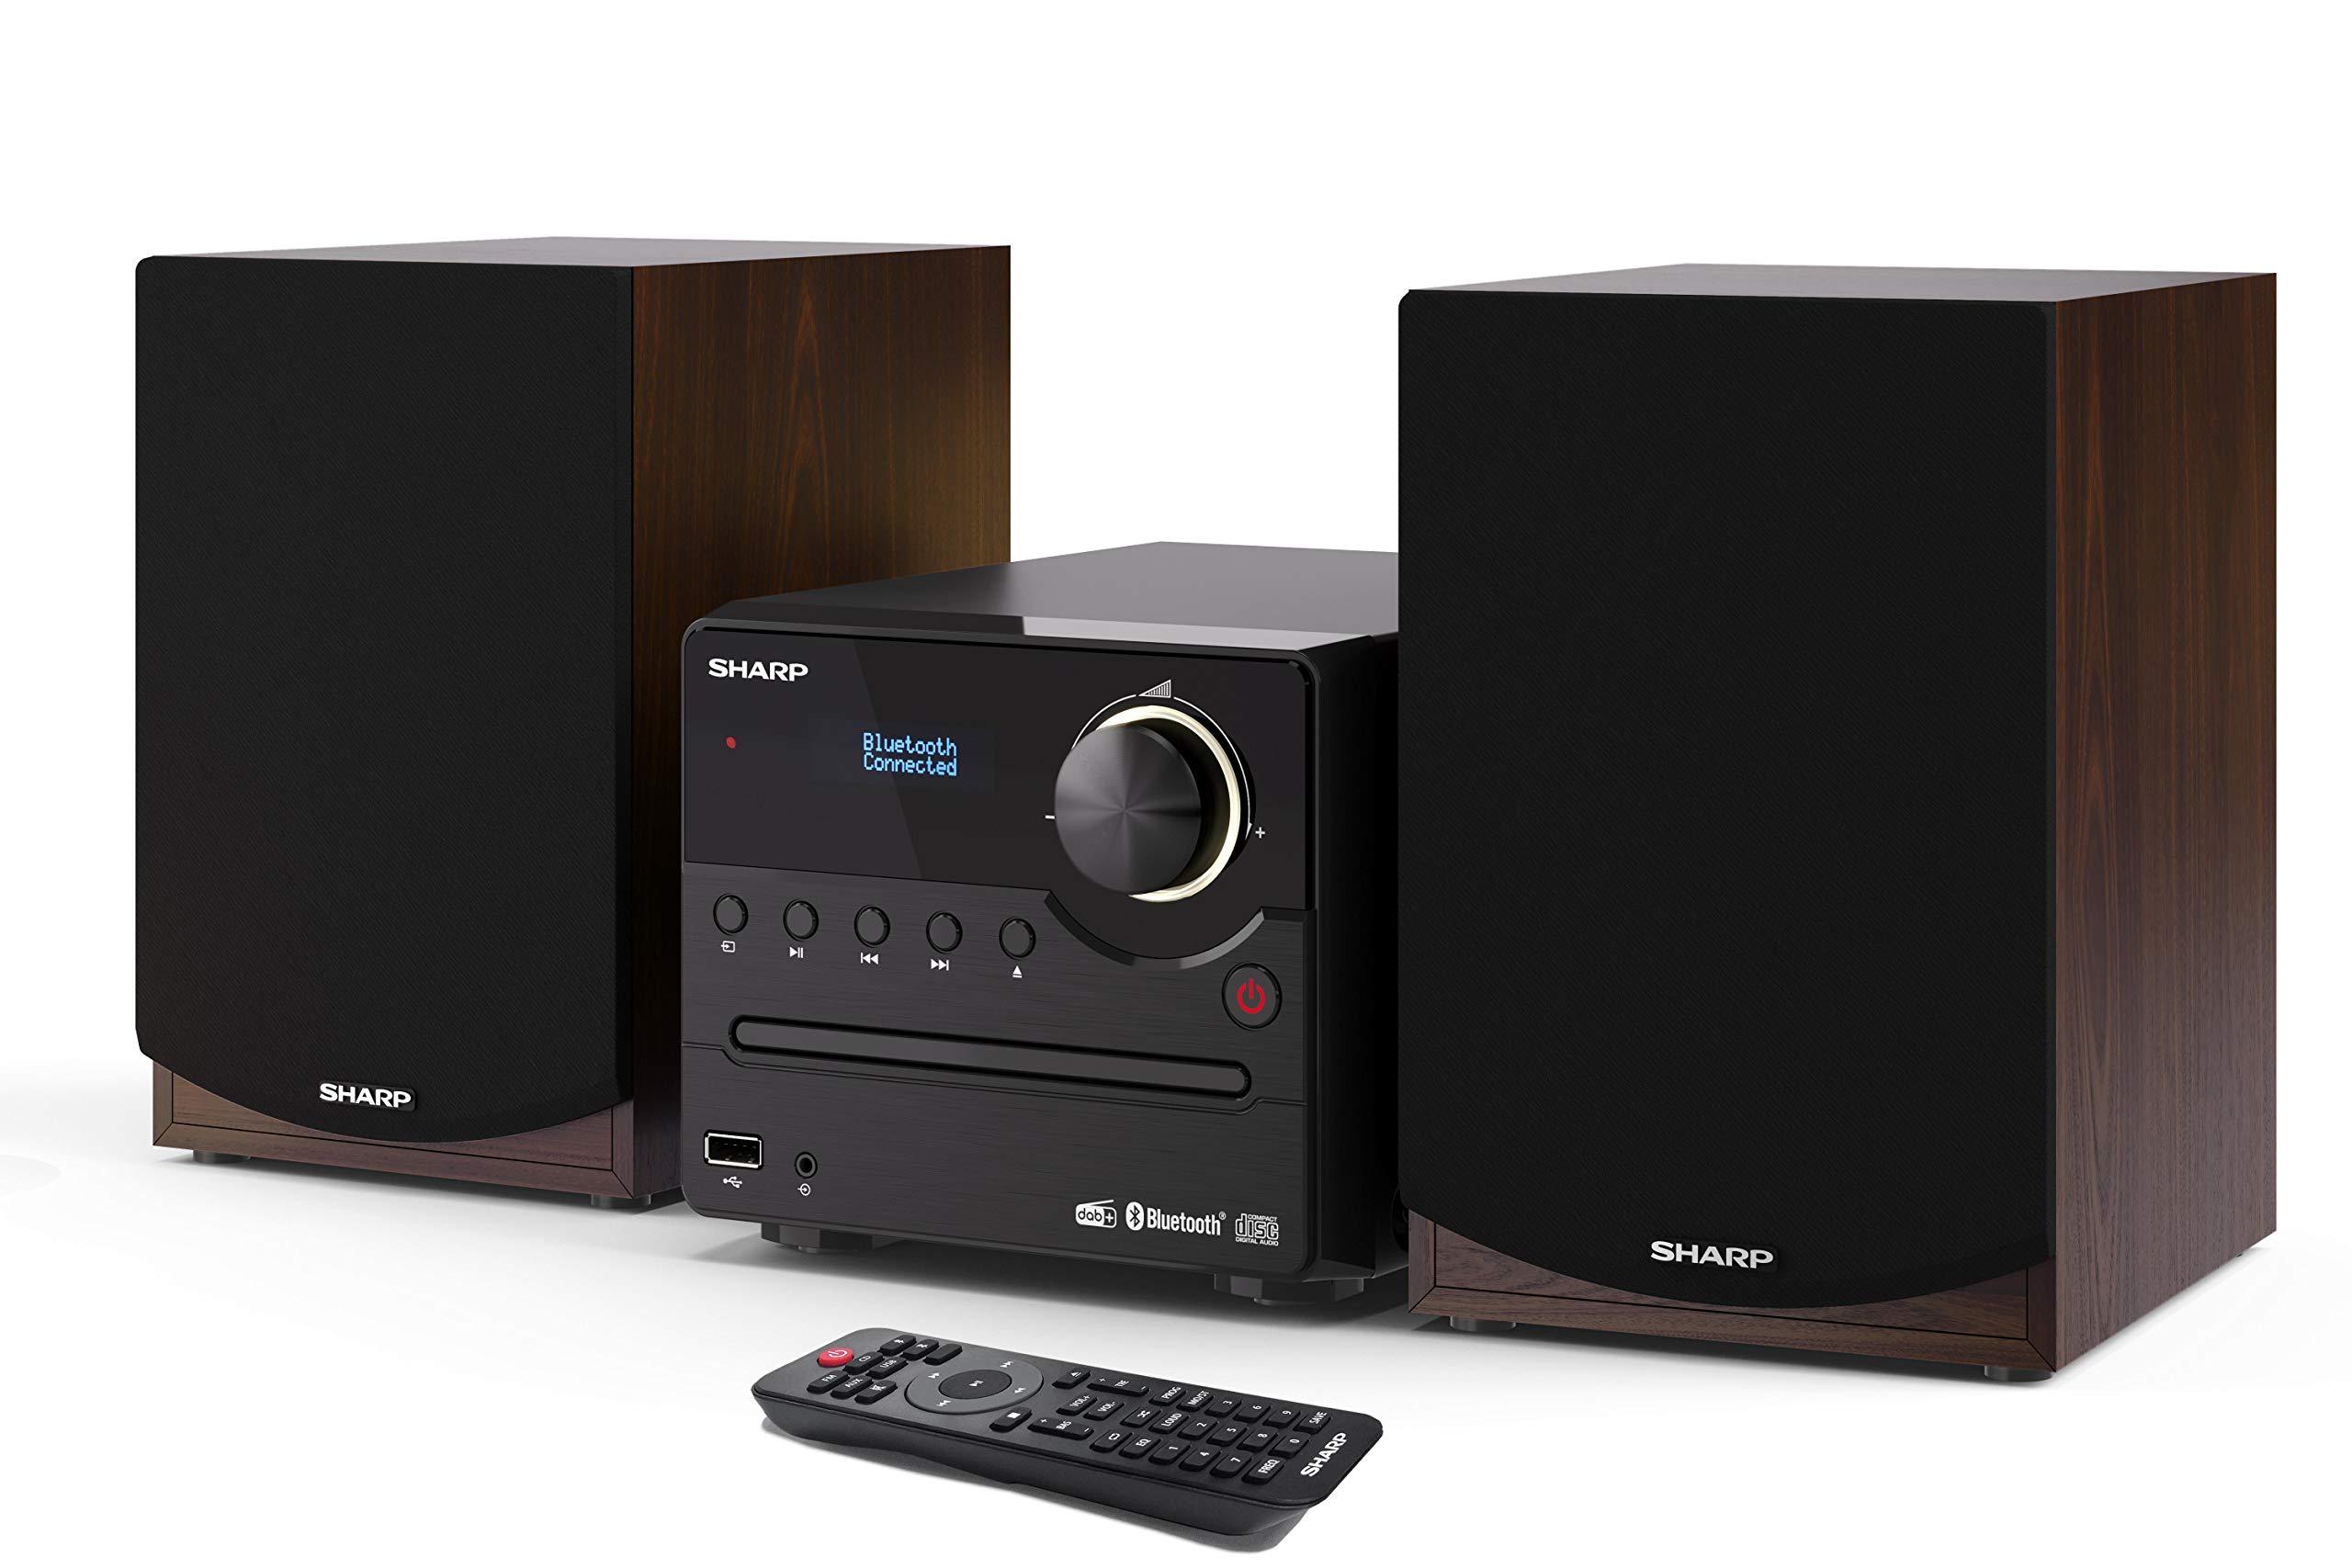 Immagine di SHARP XL-B517D(BR) Microcatena Sound System Stereo con radio DAB, DAB+, FM, Bluetooth, CD-MP3, riproduzione USB, altoparlanti in legno e 45 W colore marrone marrone 45 Vatios XL-B5 - B08WGMNBKY